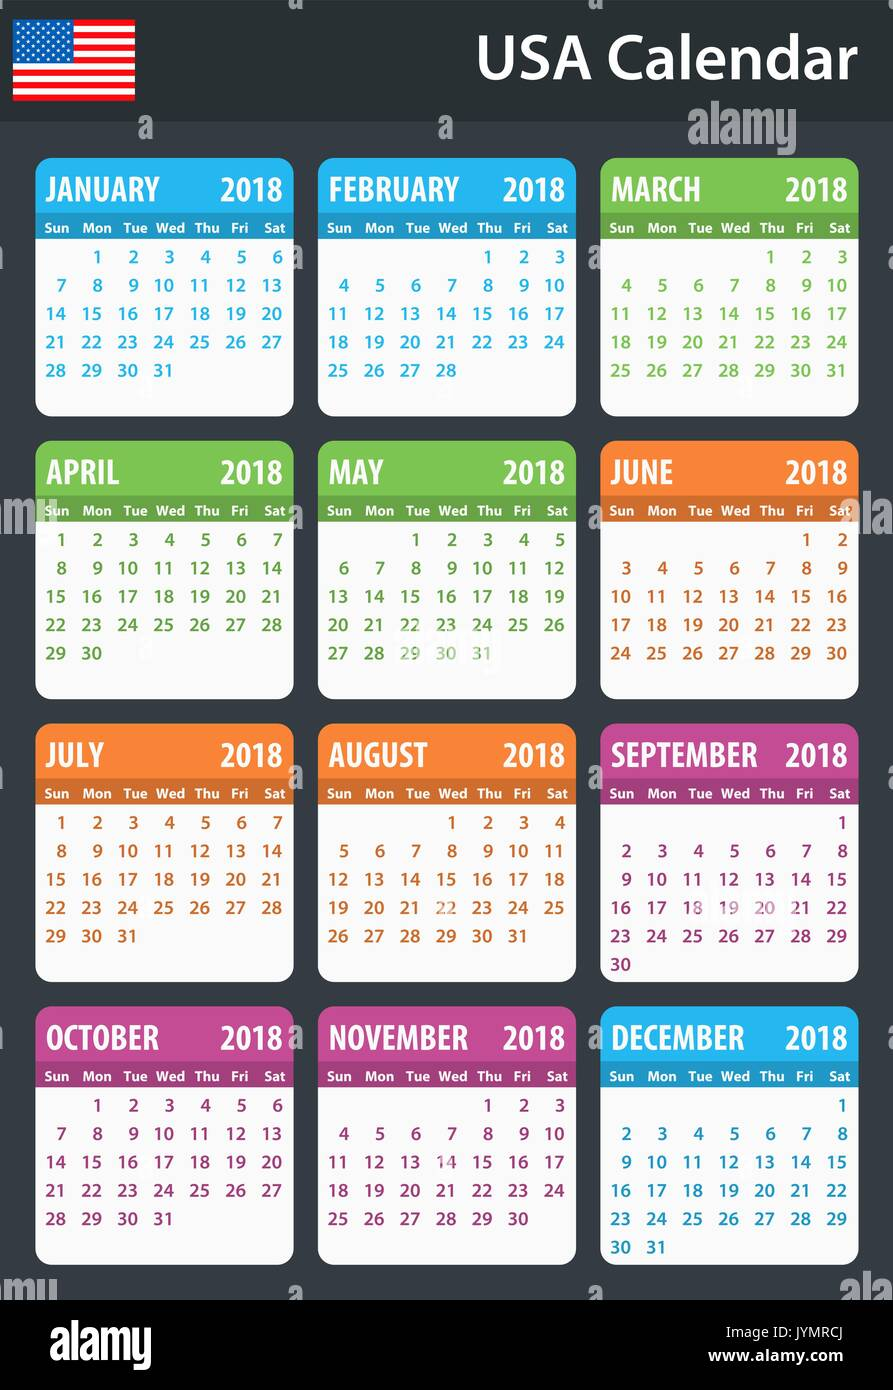 Monthly Calender Stockfotos & Monthly Calender Bilder - Seite 14 - Alamy